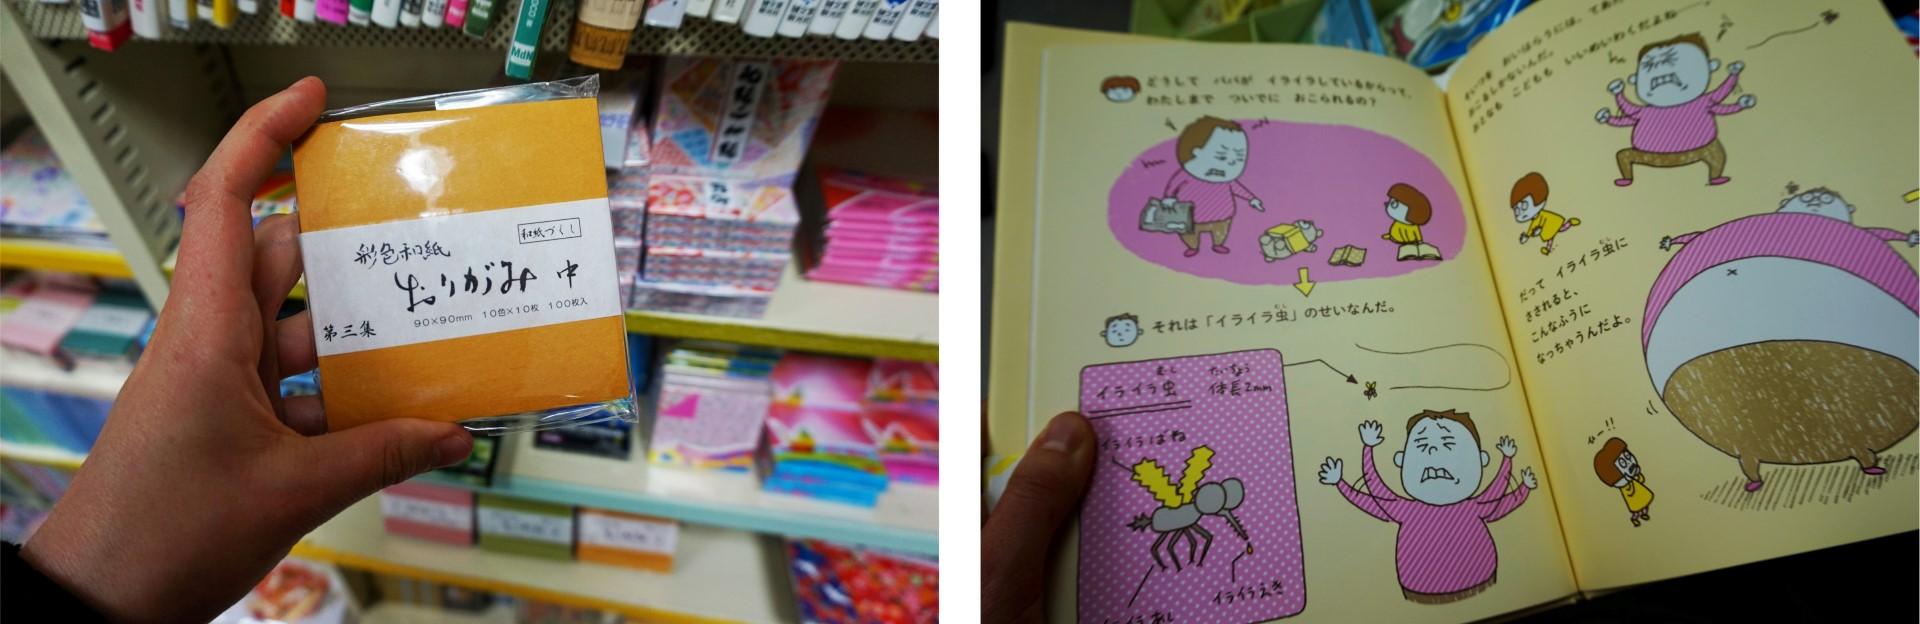 Balade dans Little Tokyo - Le Japon à Paris - Librairie JUNKU